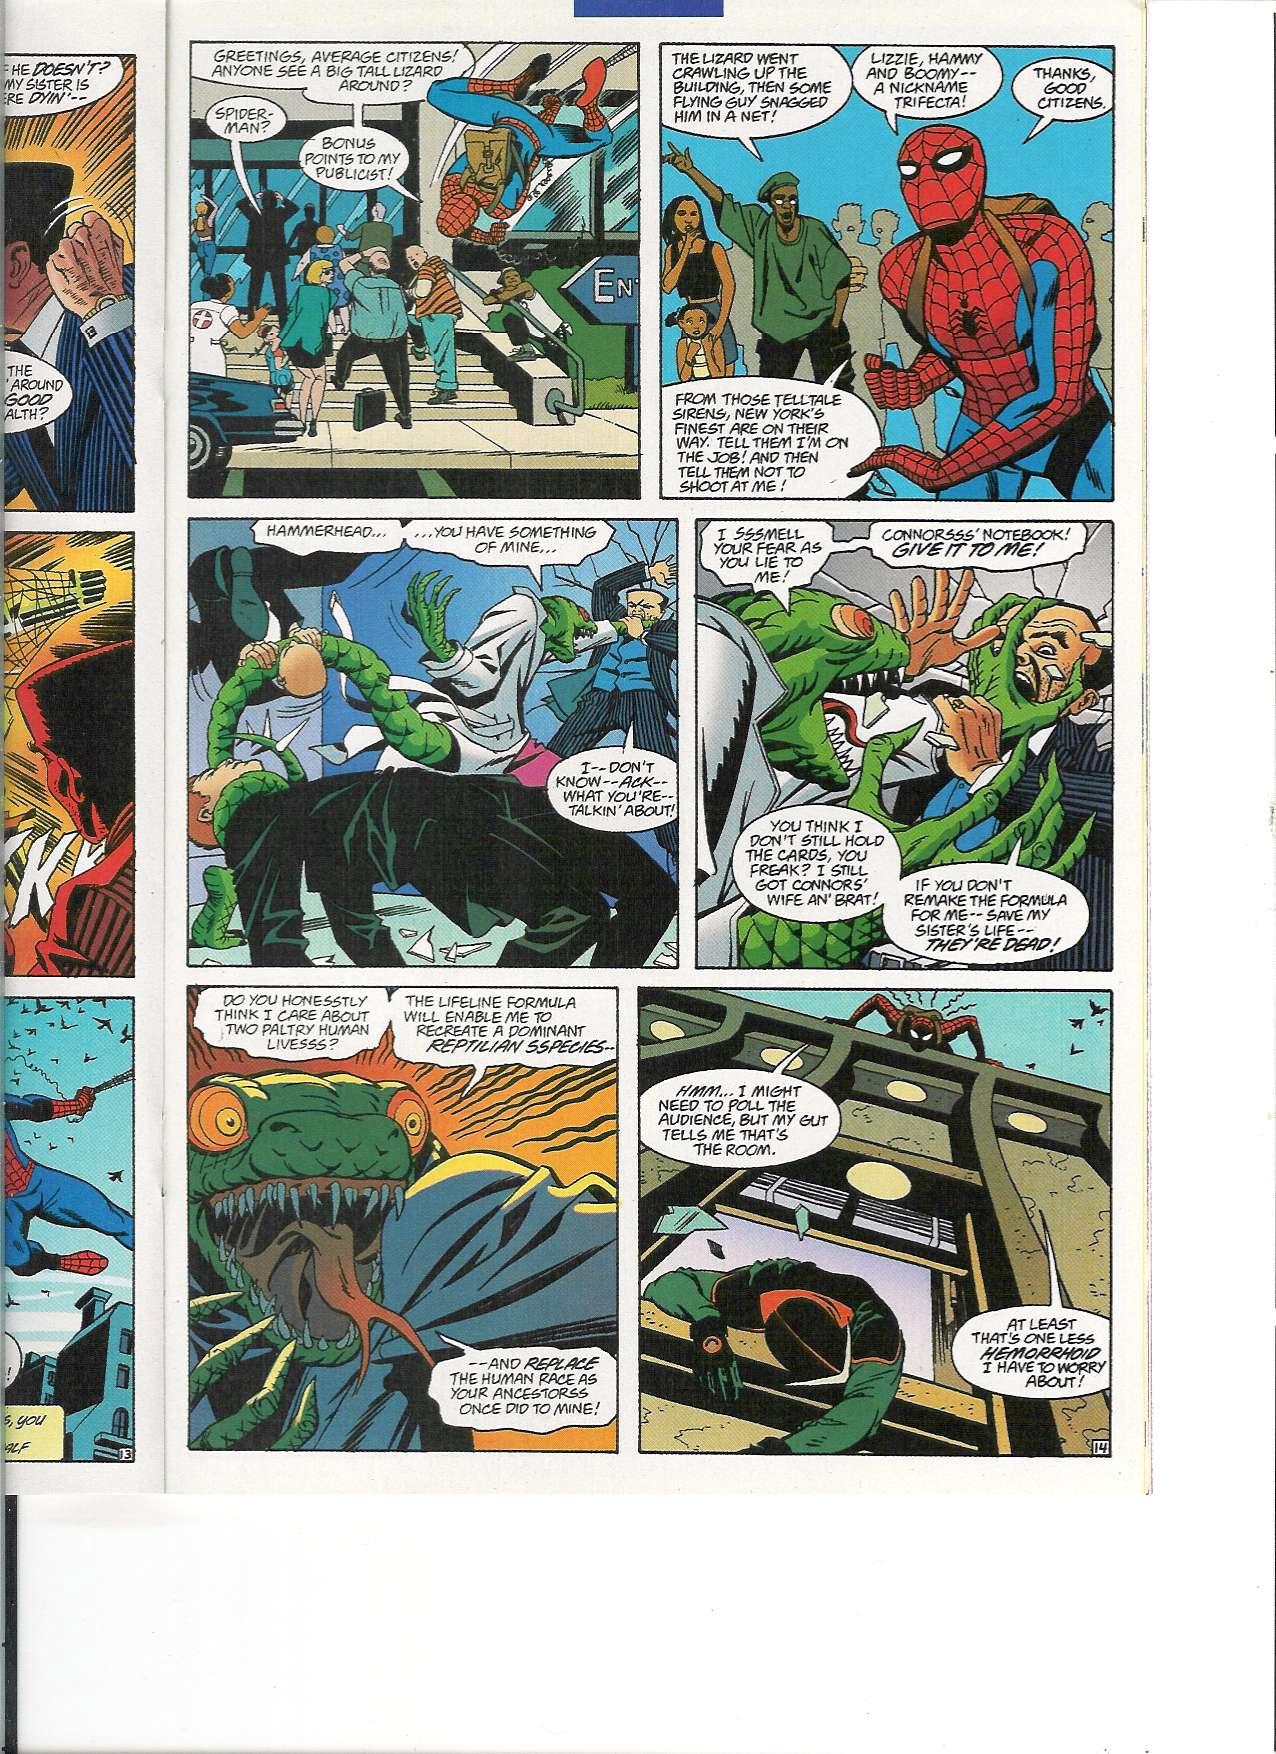 Read online Spider-Man: Lifeline comic -  Issue #3 - 15